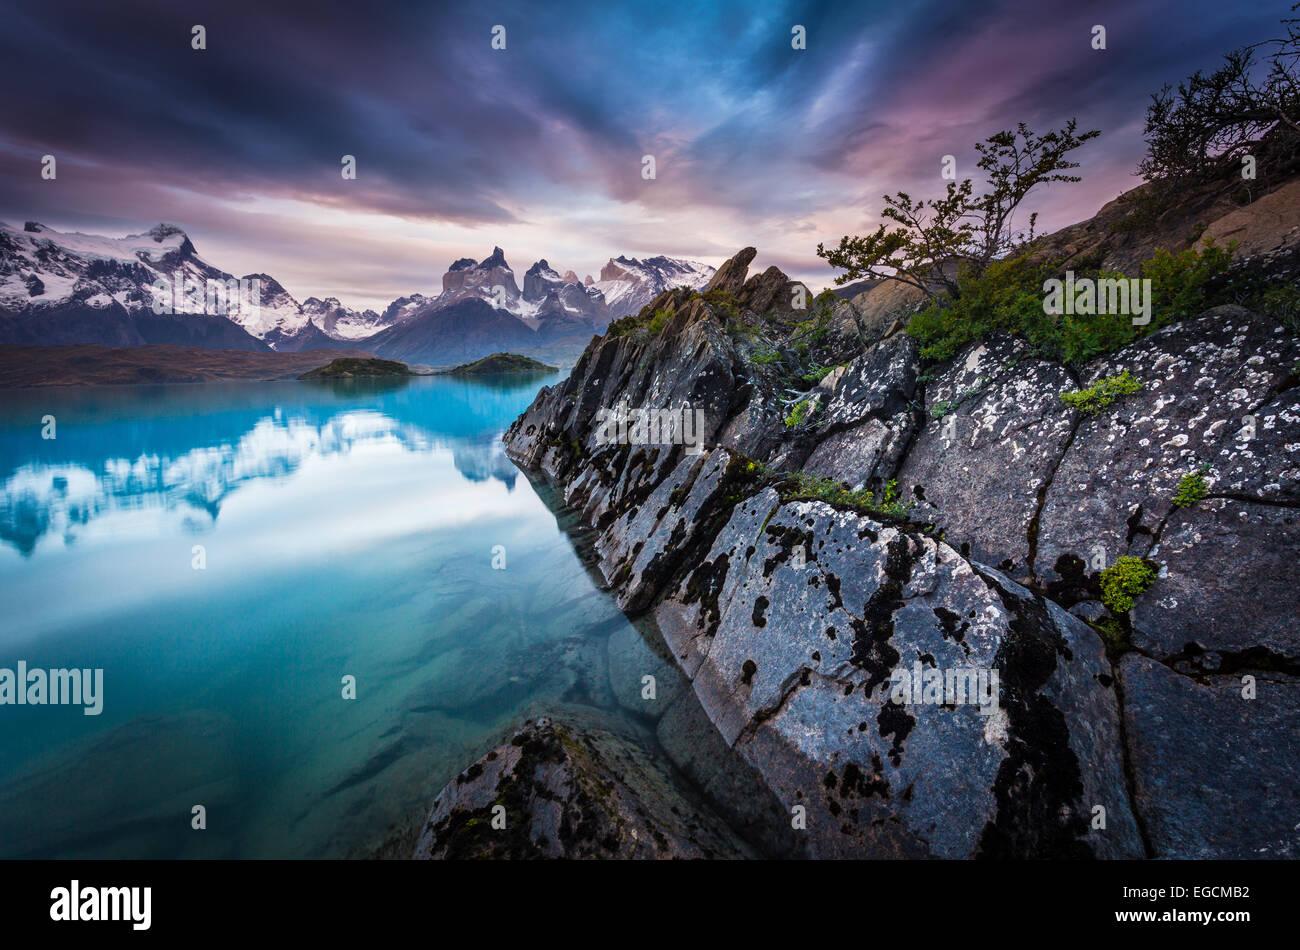 Parque Nacional Torres del Paine abarca montañas, glaciares, lagos y ríos en el sur de la Patagonia Chilena. Imagen De Stock